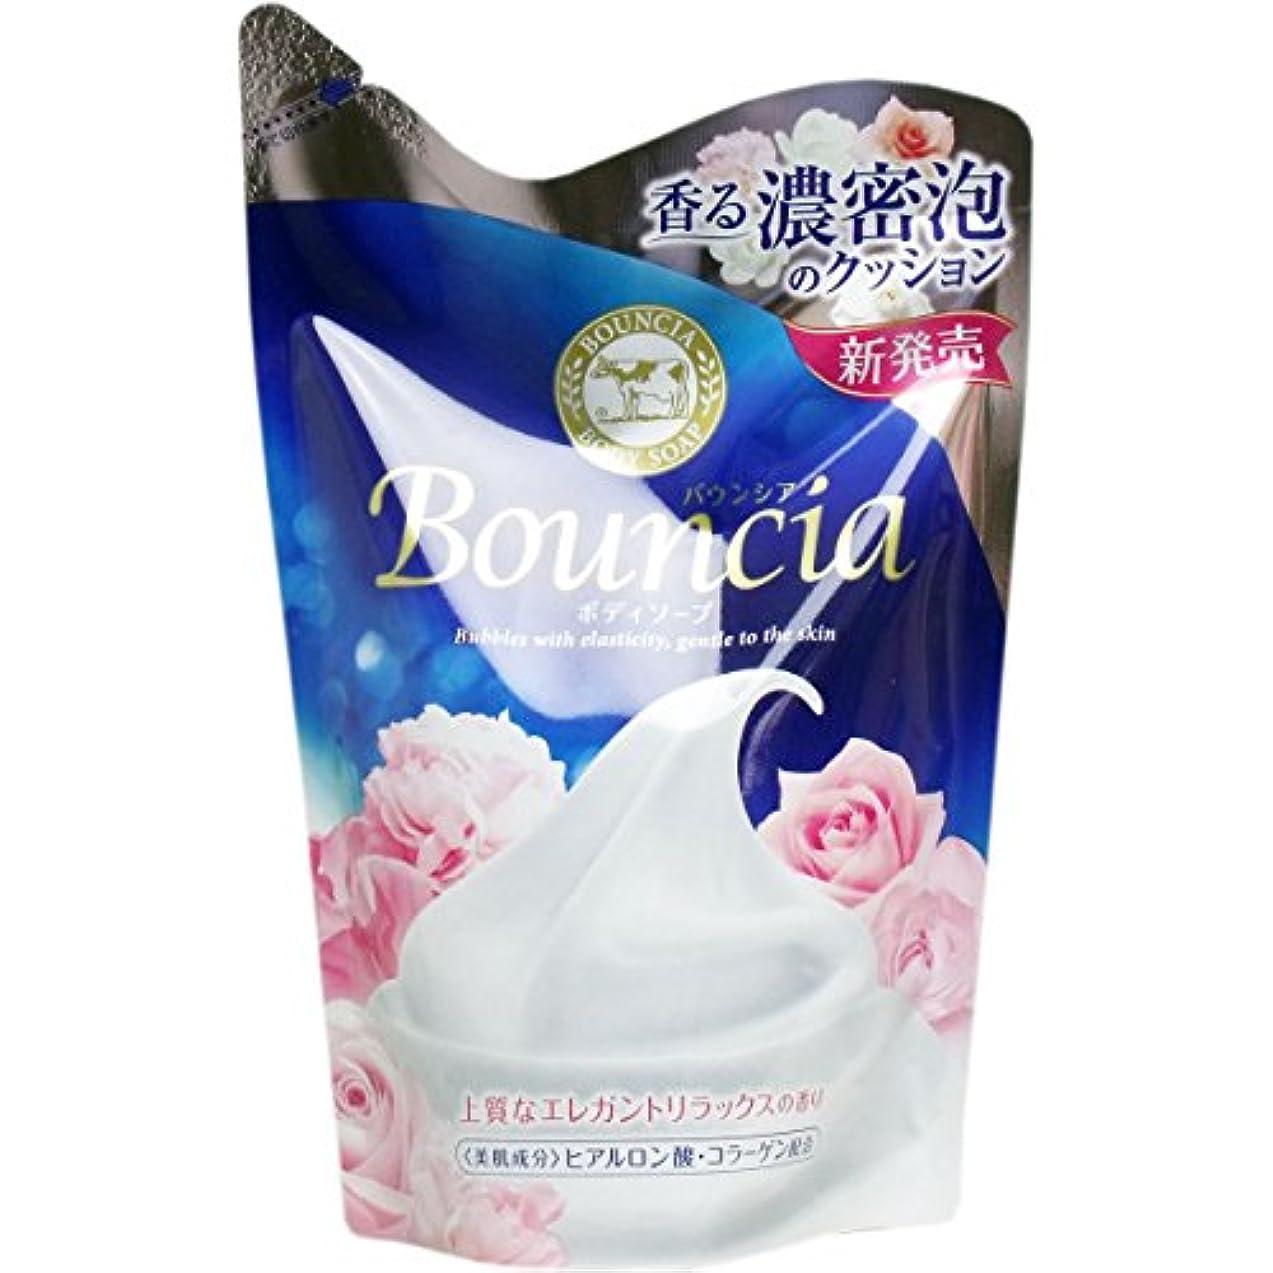 蓮土満員【お徳用 4 セット】 バウンシアボディソープ 上質なエレガントリラックスの香り つめかえ用 430ml×4セット